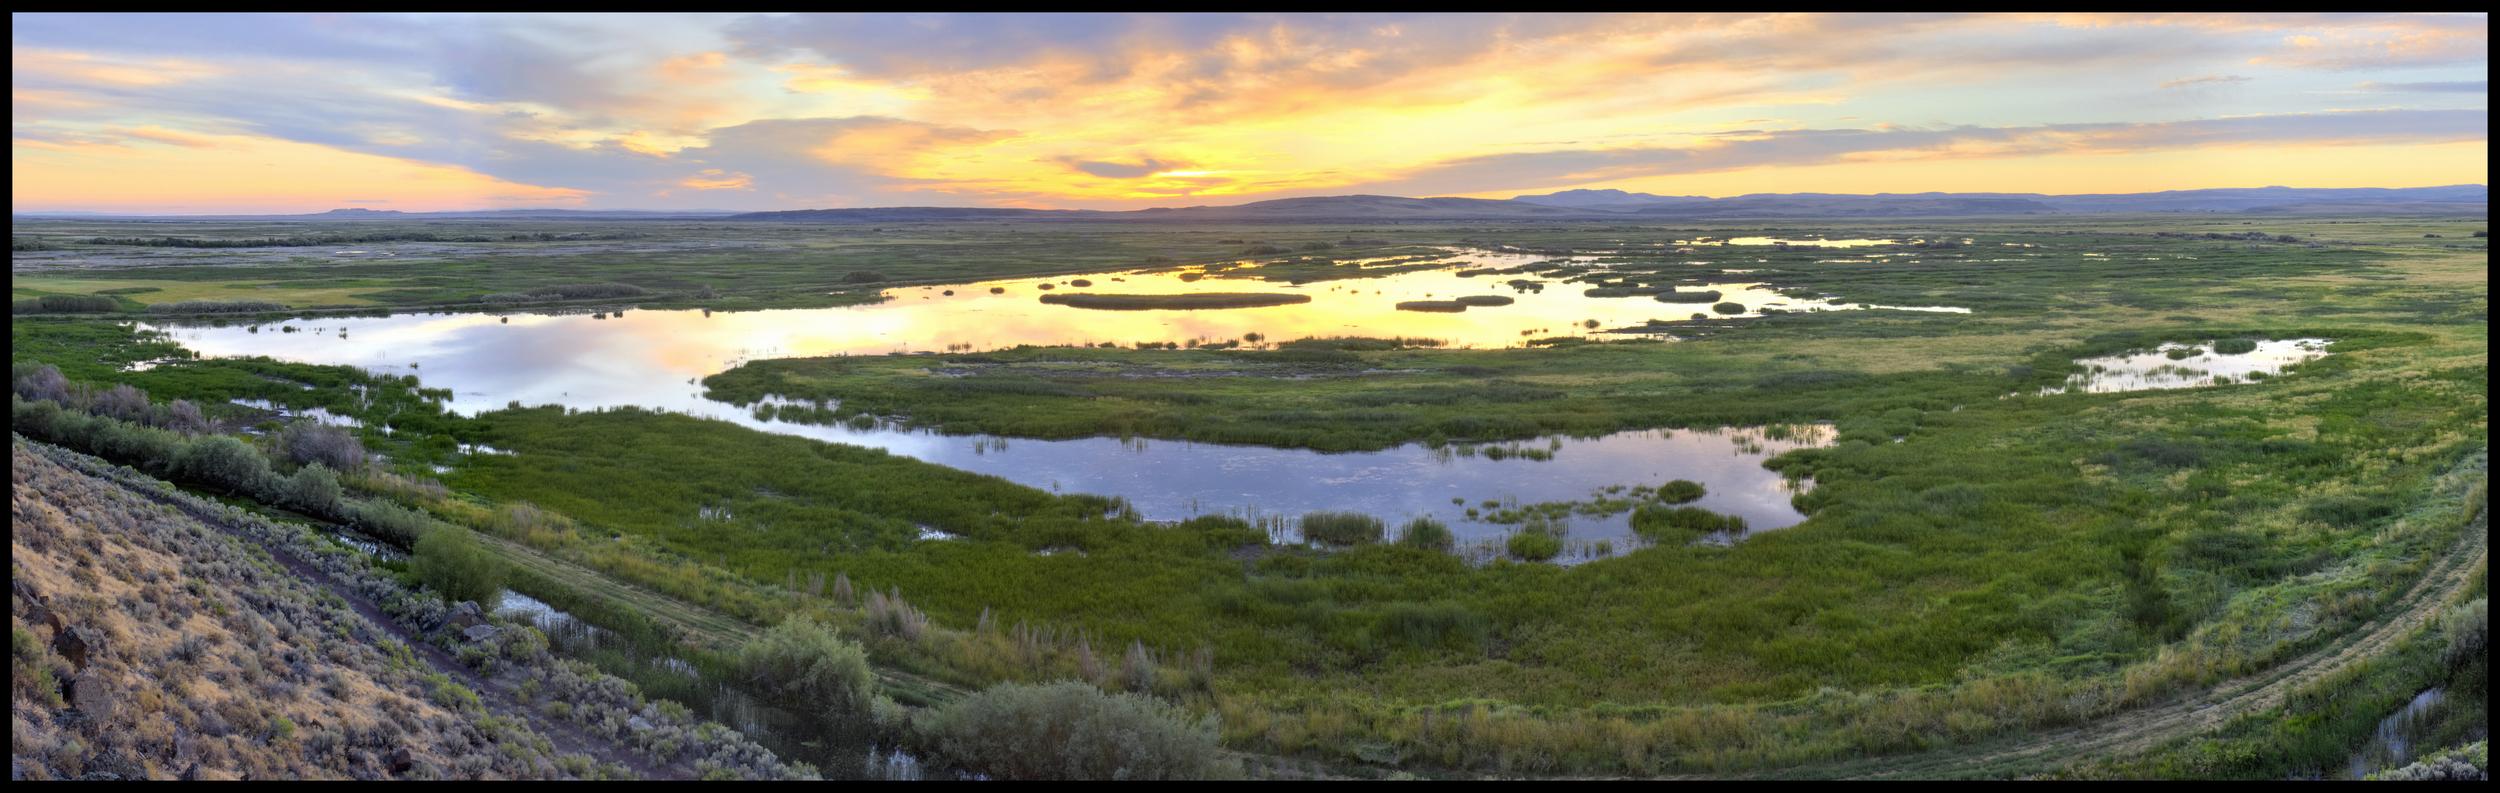 Buena Vista, Malheur National Wildlife Refuge, OR